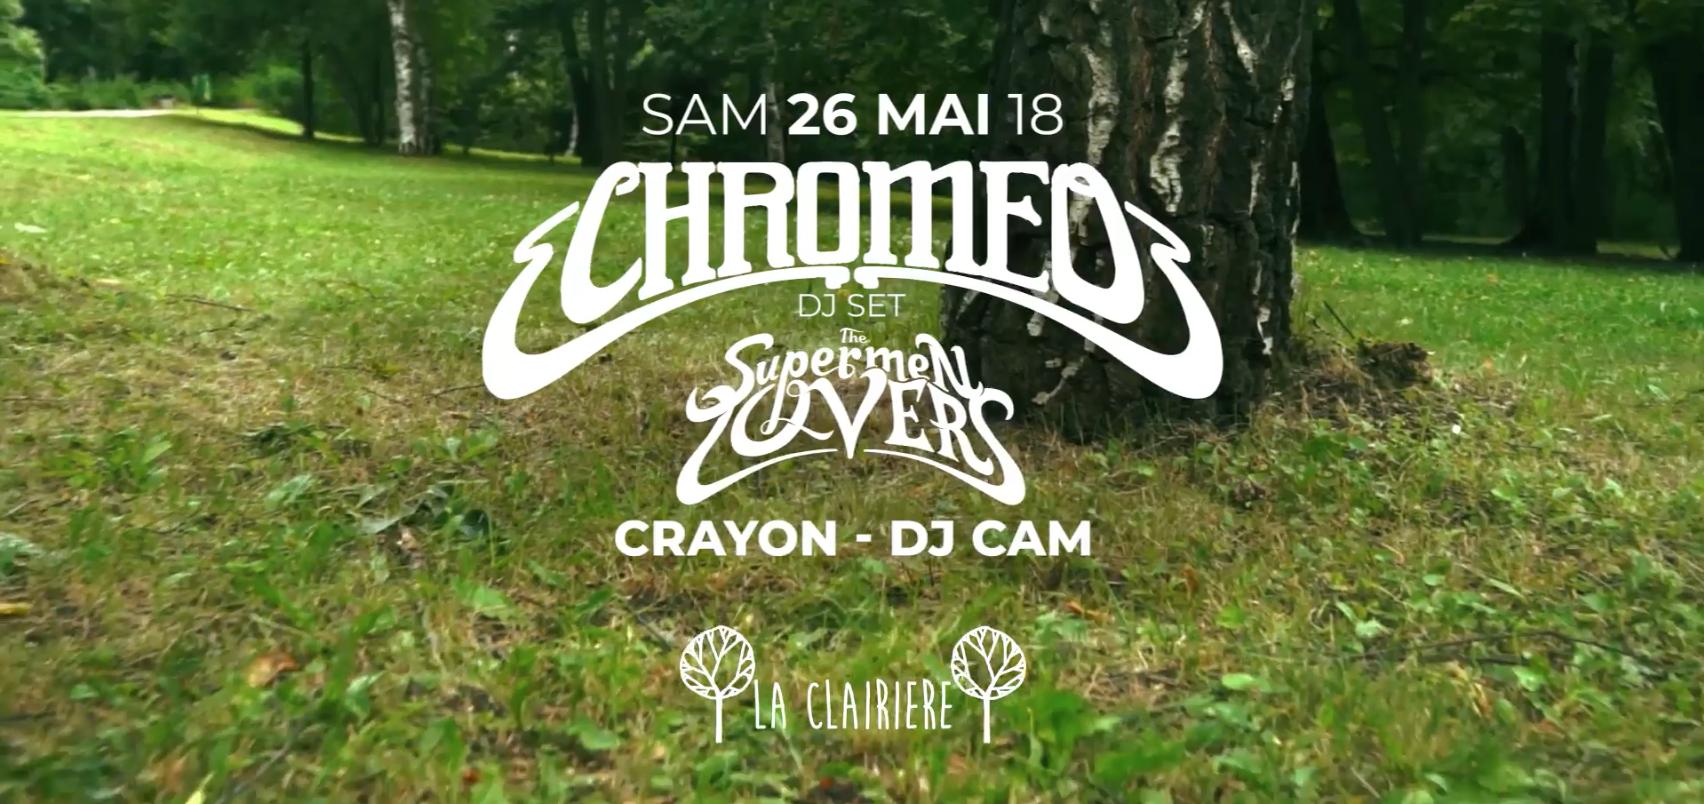 La Clairière : Chromeo, Crayon, The Supermen Lovers, Dj Cam